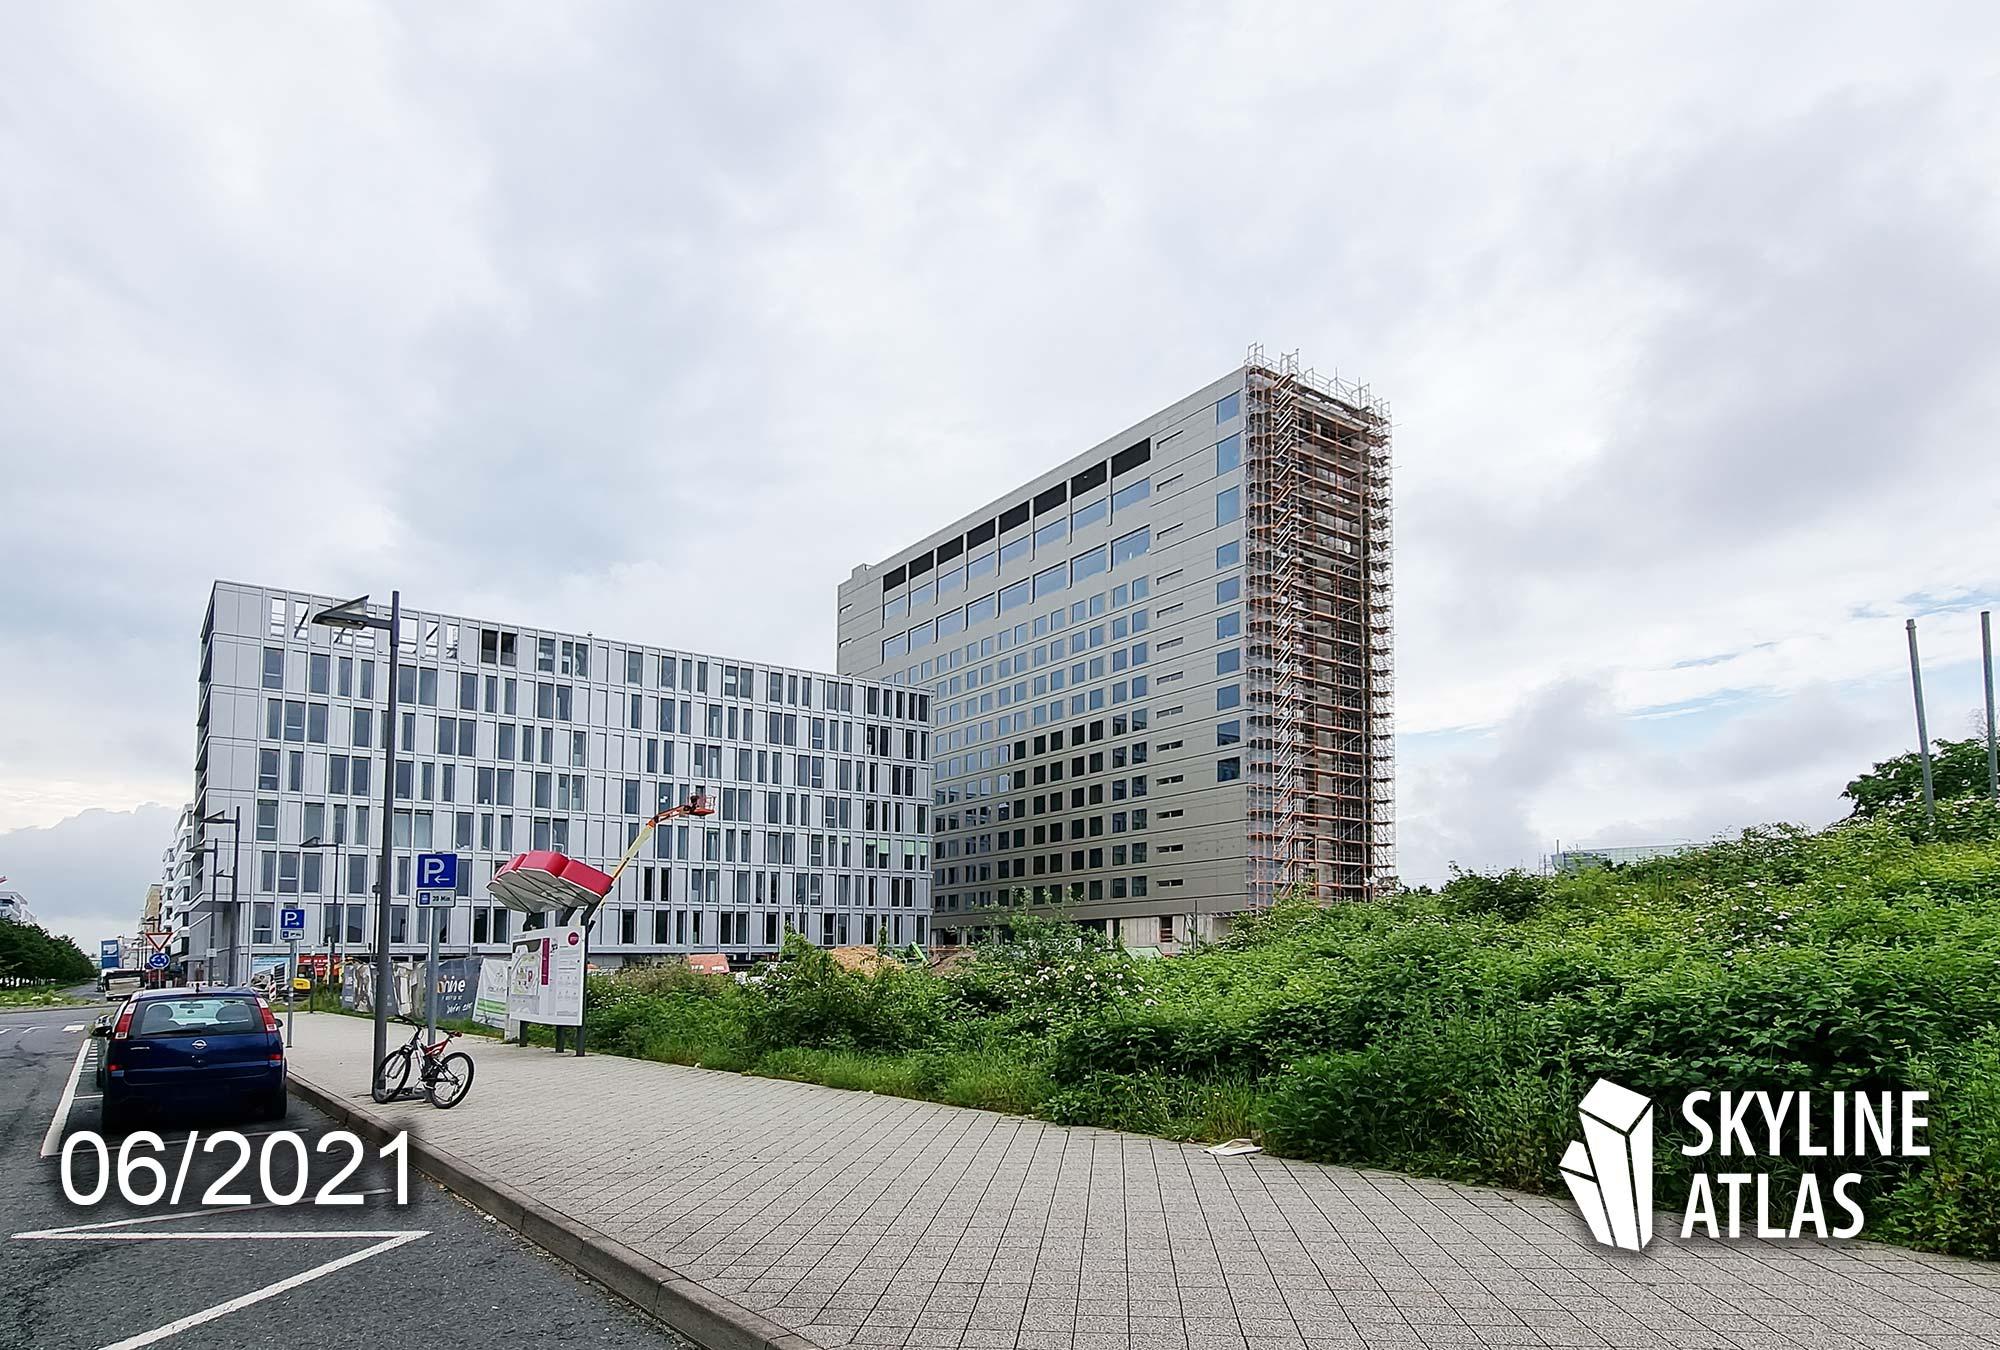 bmine Hotel Frankfurt Flughafen - B'Mine Hotel Gateway Gardens - Auto Aufzug Hochhaus - Juni 2021